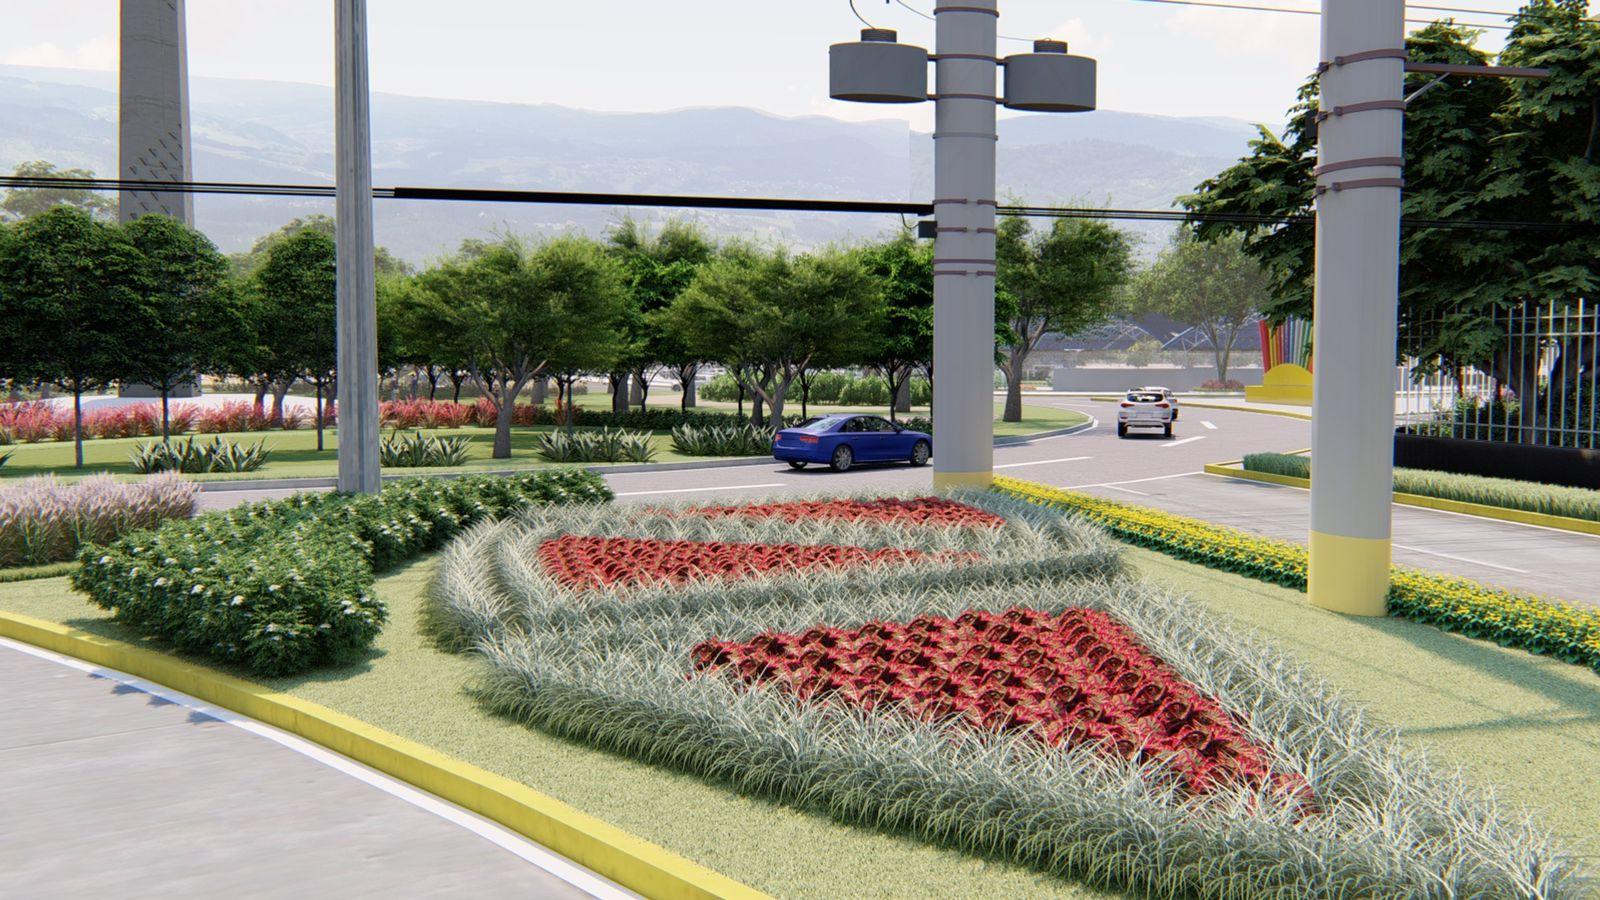 Valledupar florece con proyectos que impulsan su belleza y desarrollo paisajístico – @AlcaldiaVpar